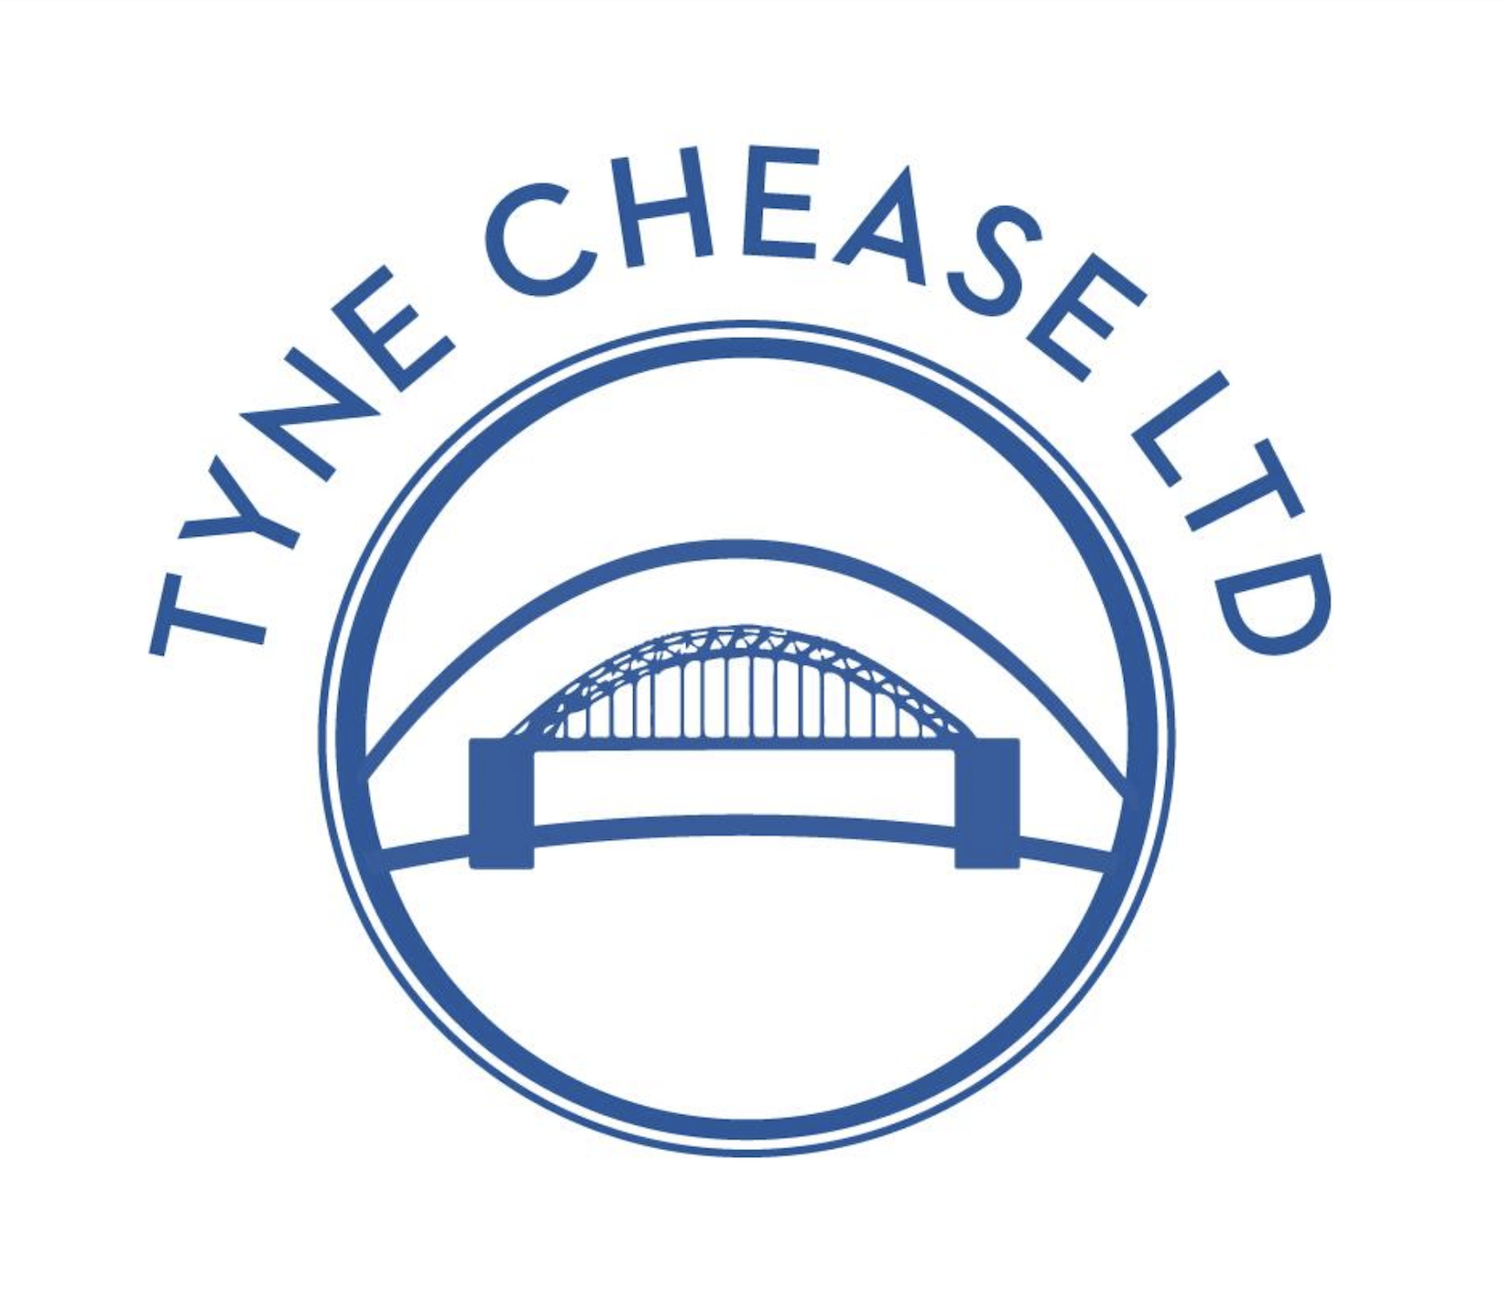 Tyne Chease Ltd